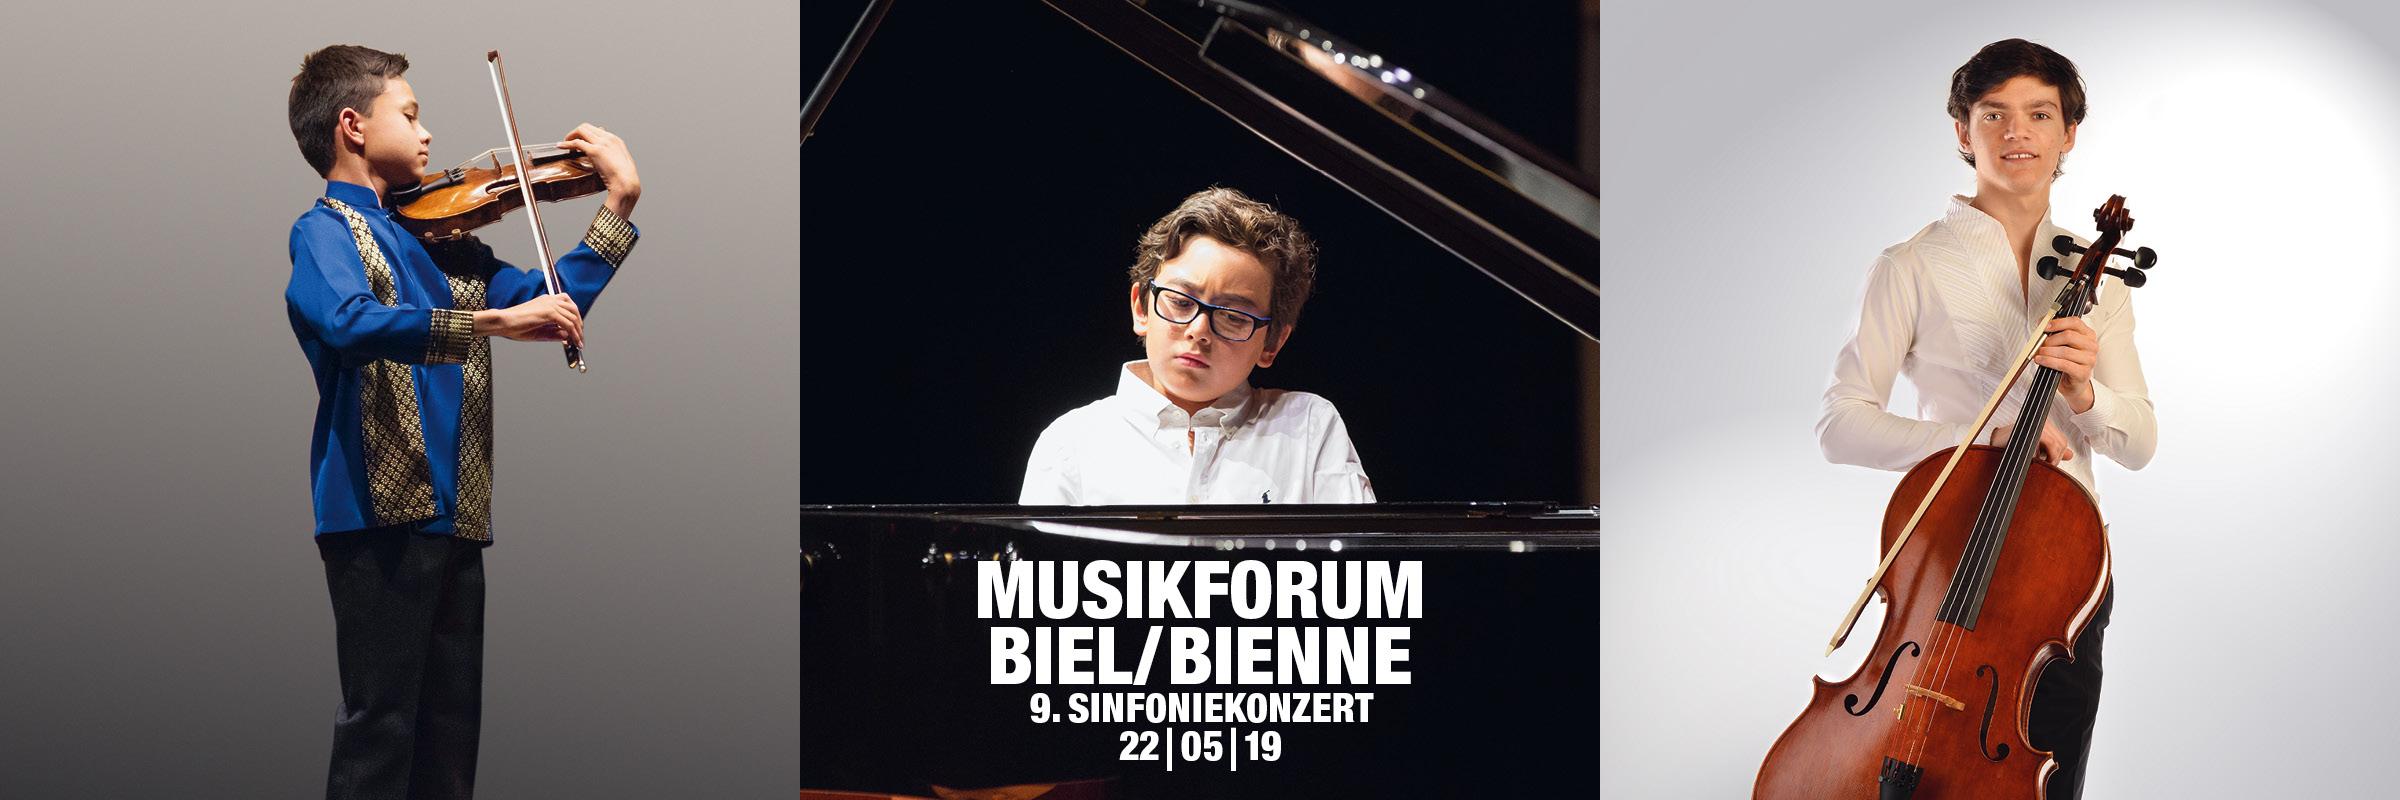 Musikforum Biel/Bienne